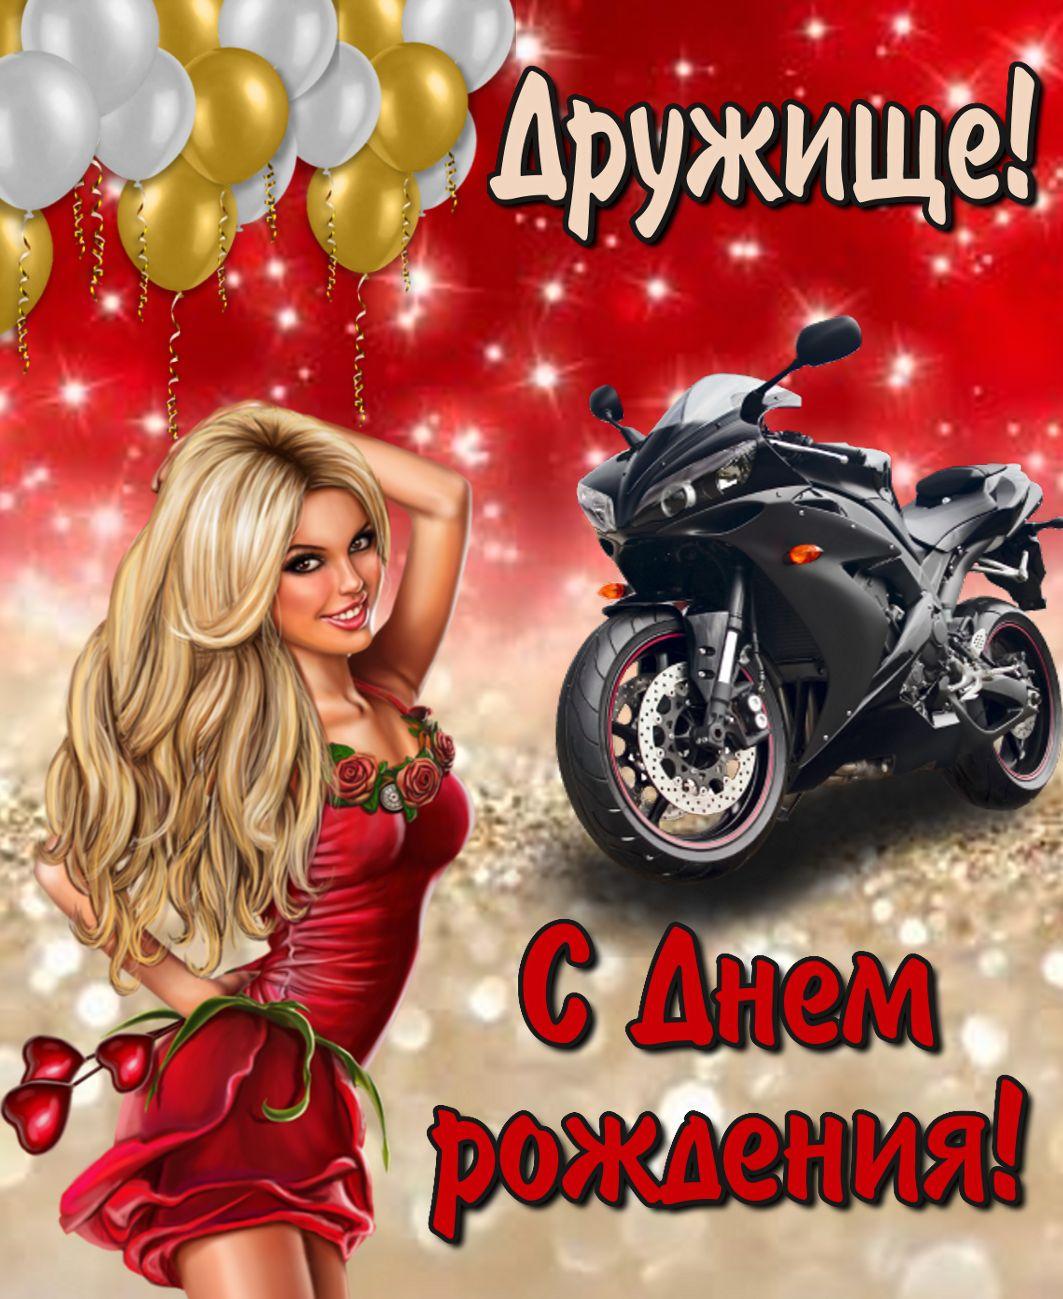 Открытка с девушкой и мотоциклом